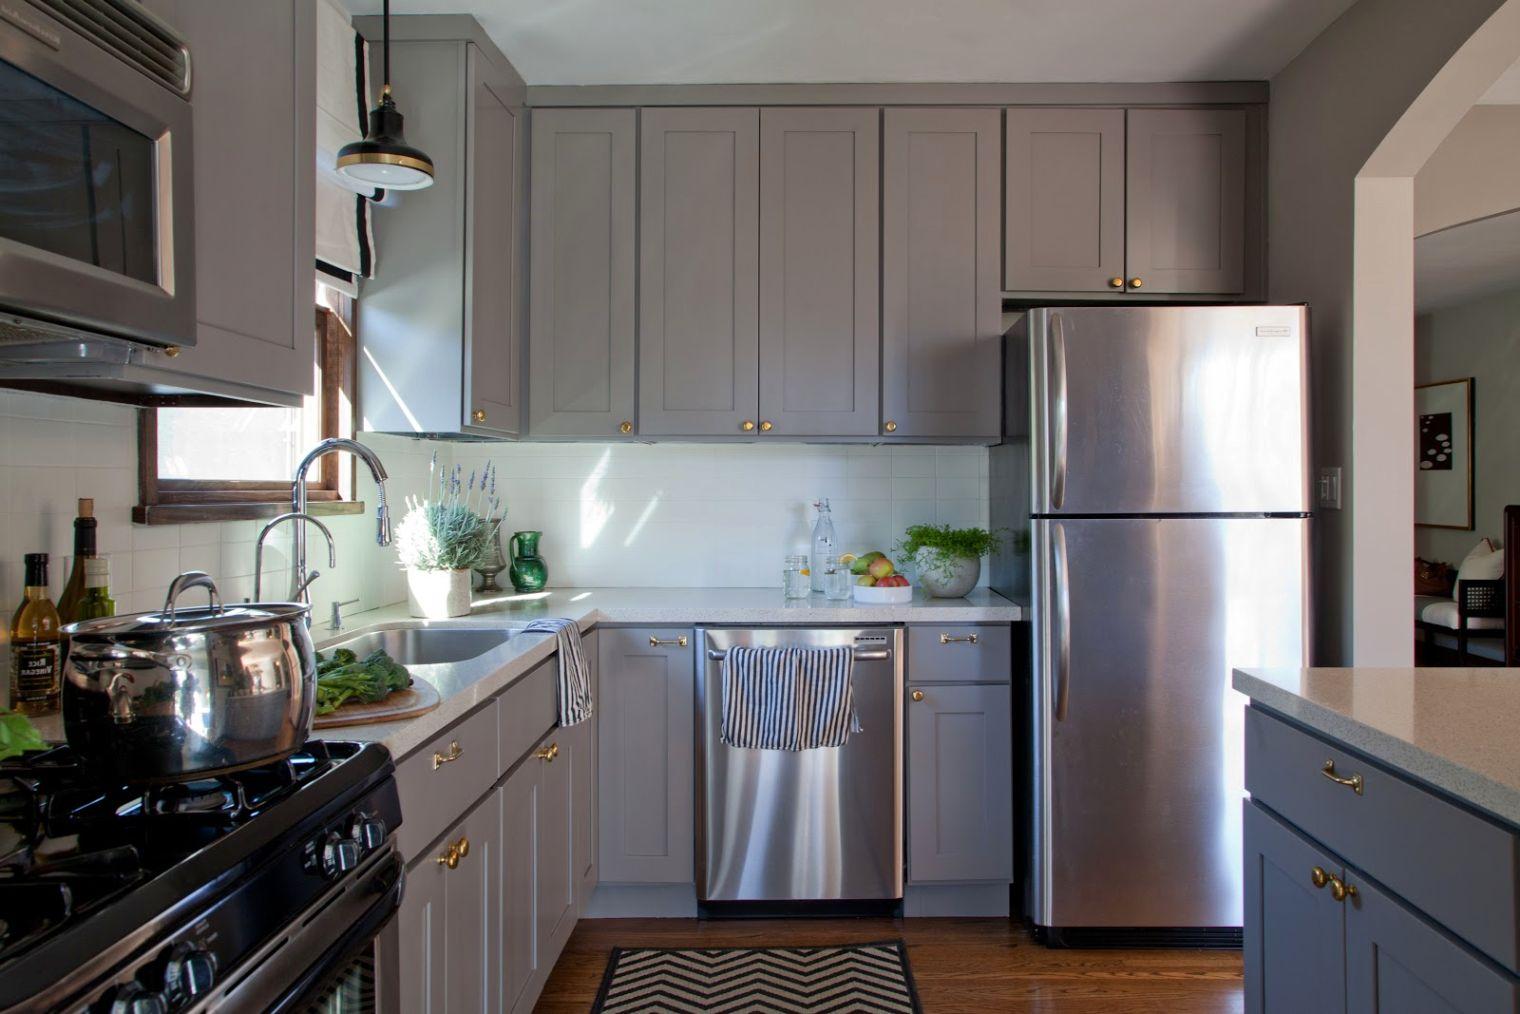 17 Superb Gray Kitchen Cabinet Designs